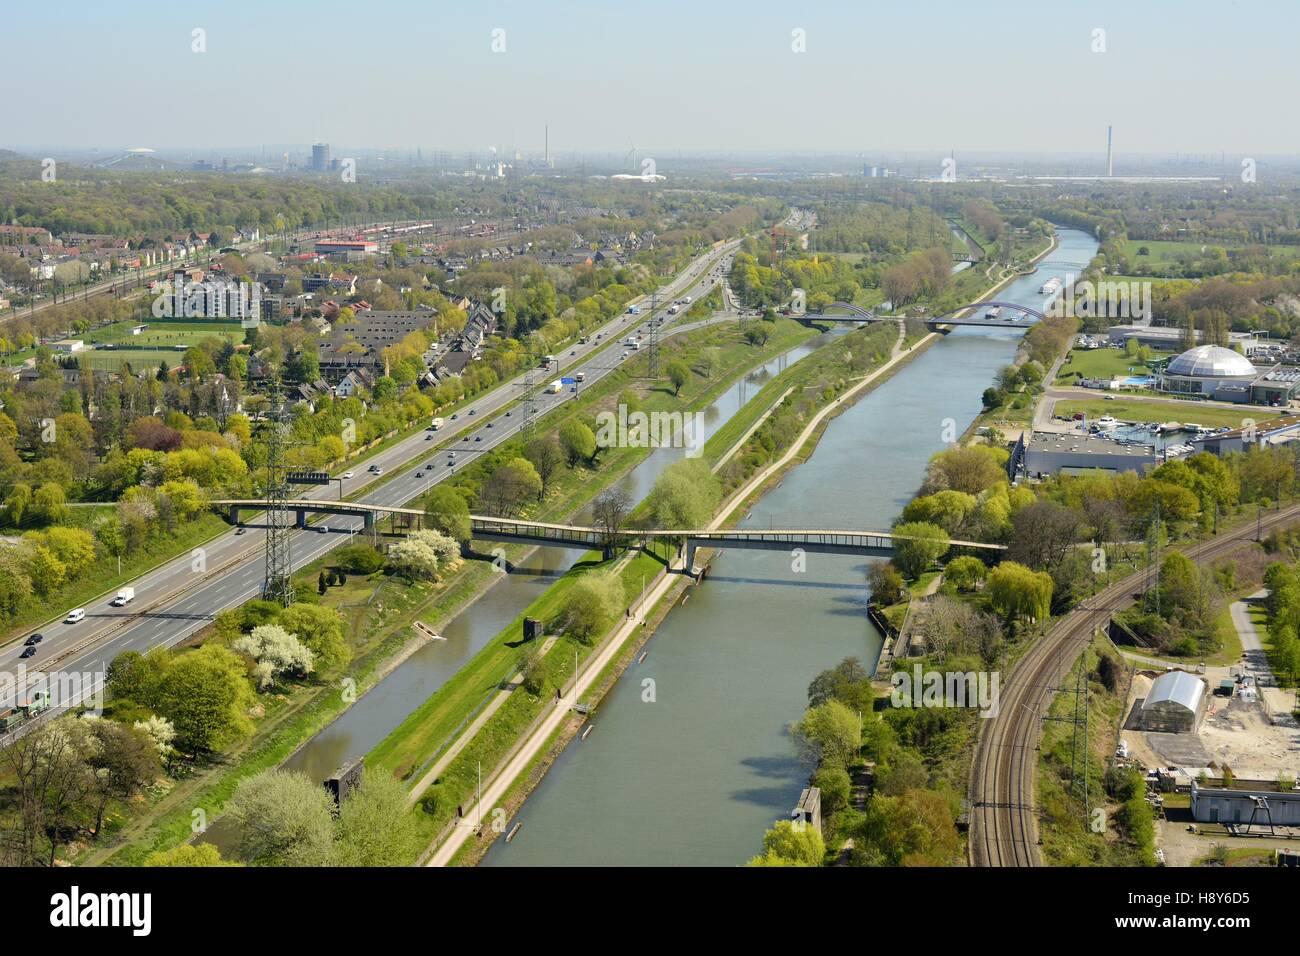 View over Rhein-Herne-Kanal in Oberhausen, Germany. - Stock Image